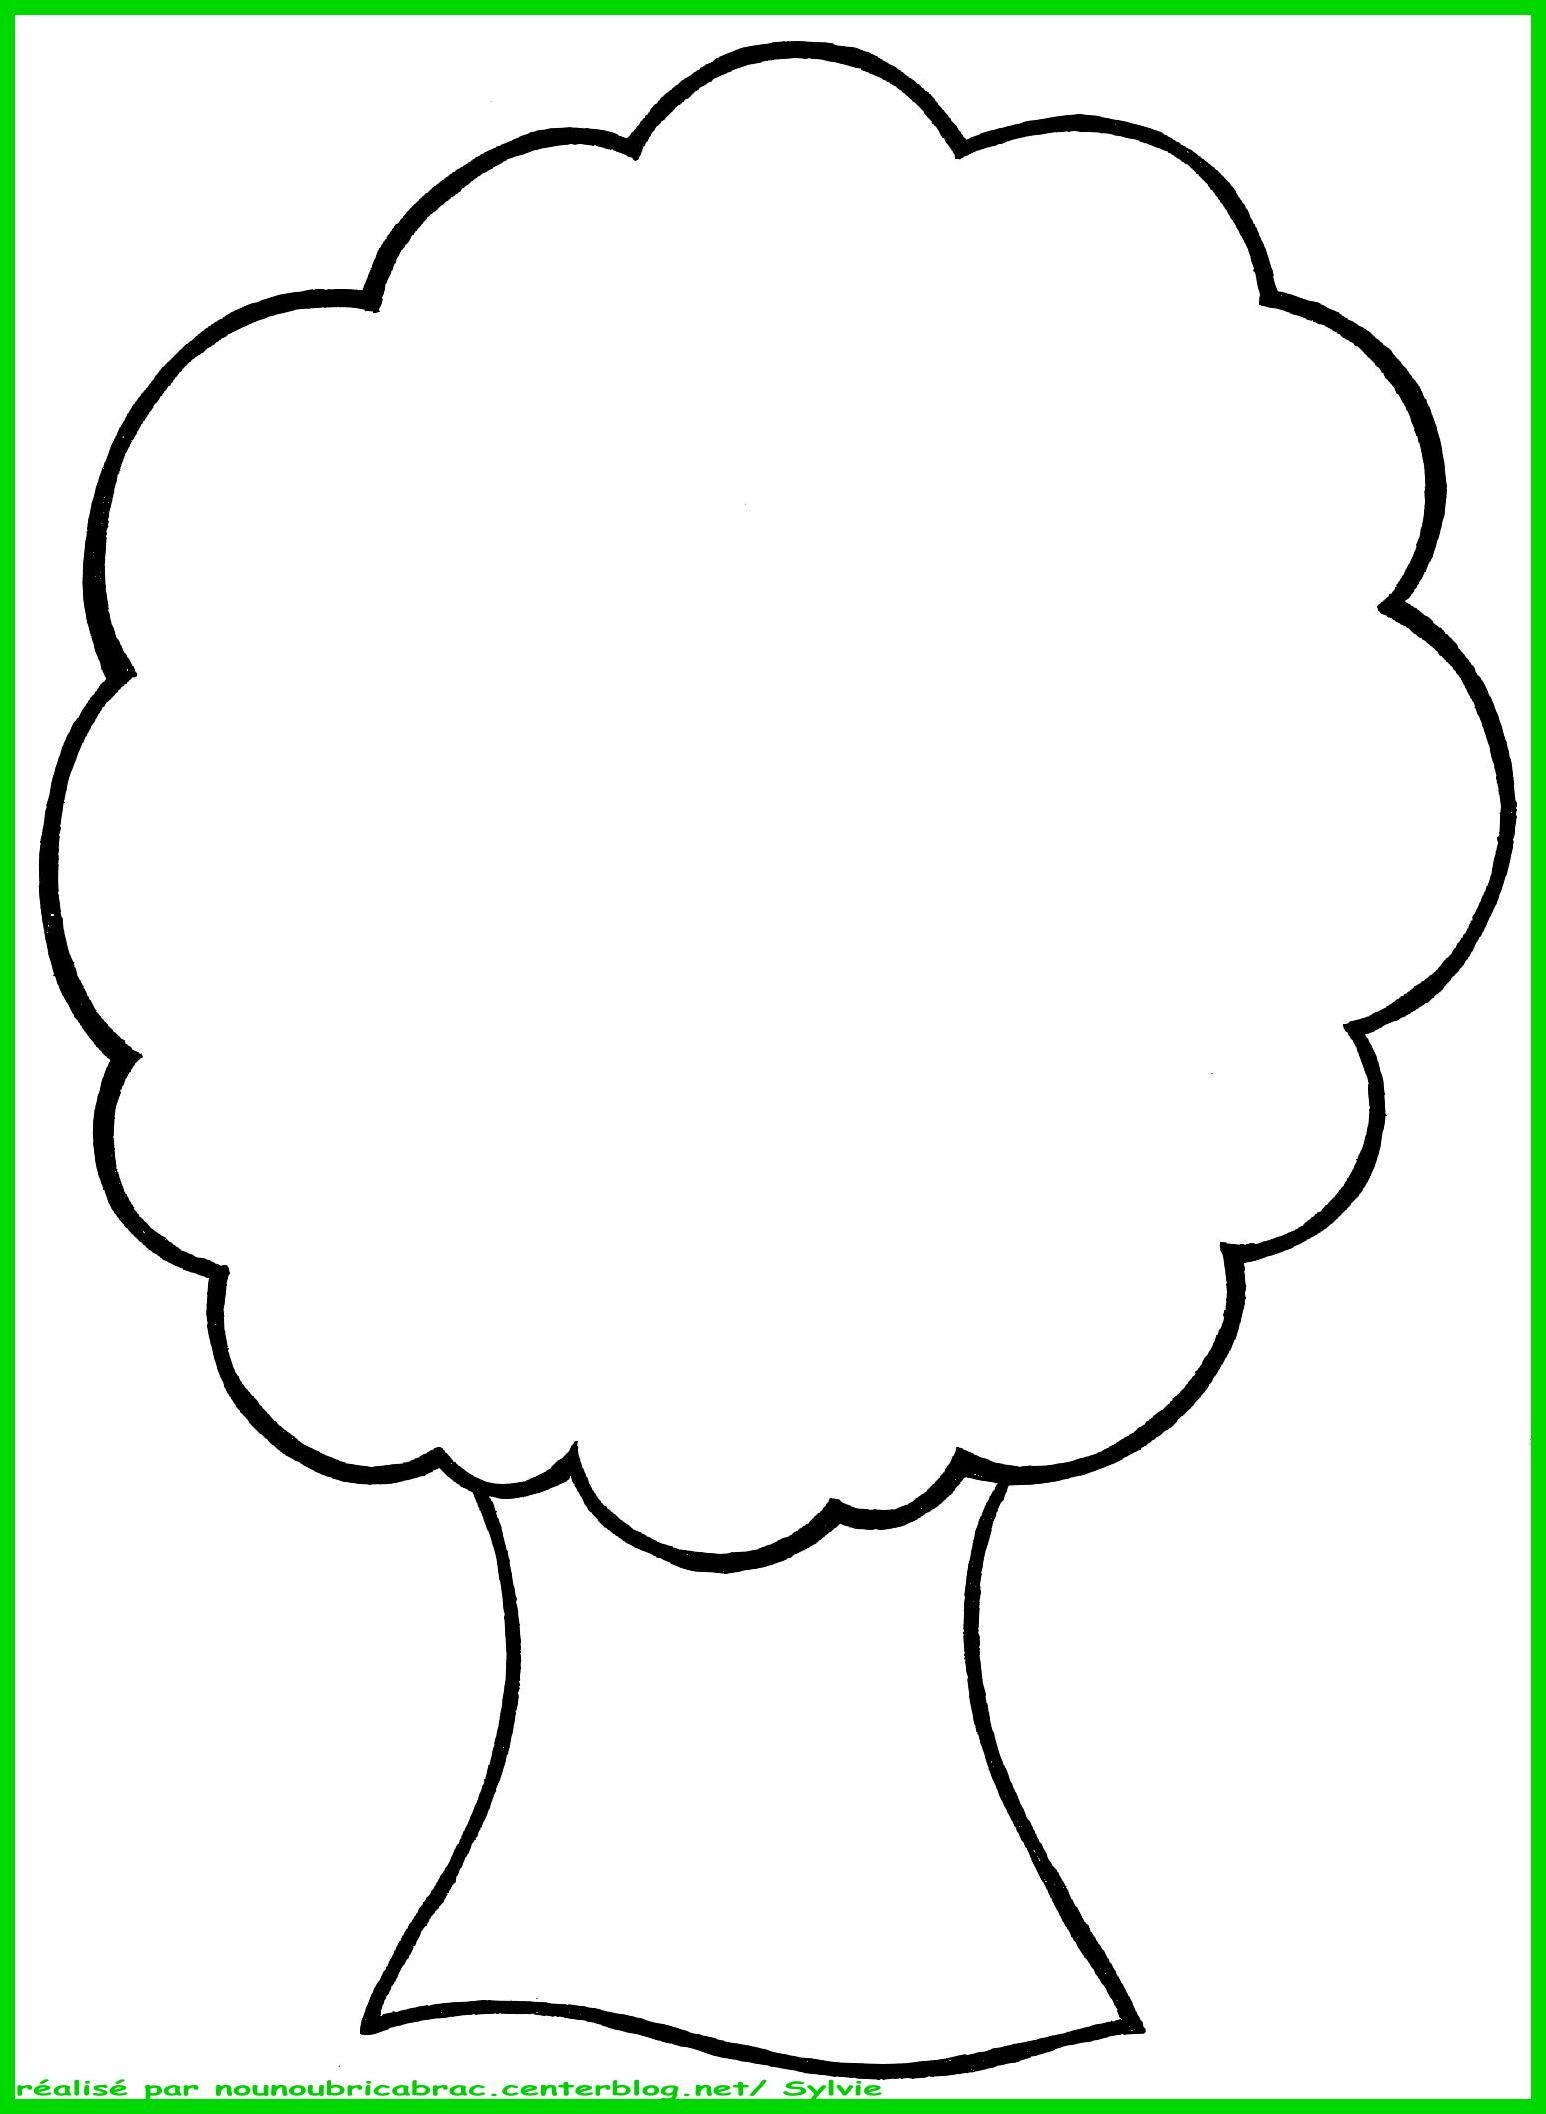 arbre colorier activit arbre pinterest colorier activit et coloriage. Black Bedroom Furniture Sets. Home Design Ideas